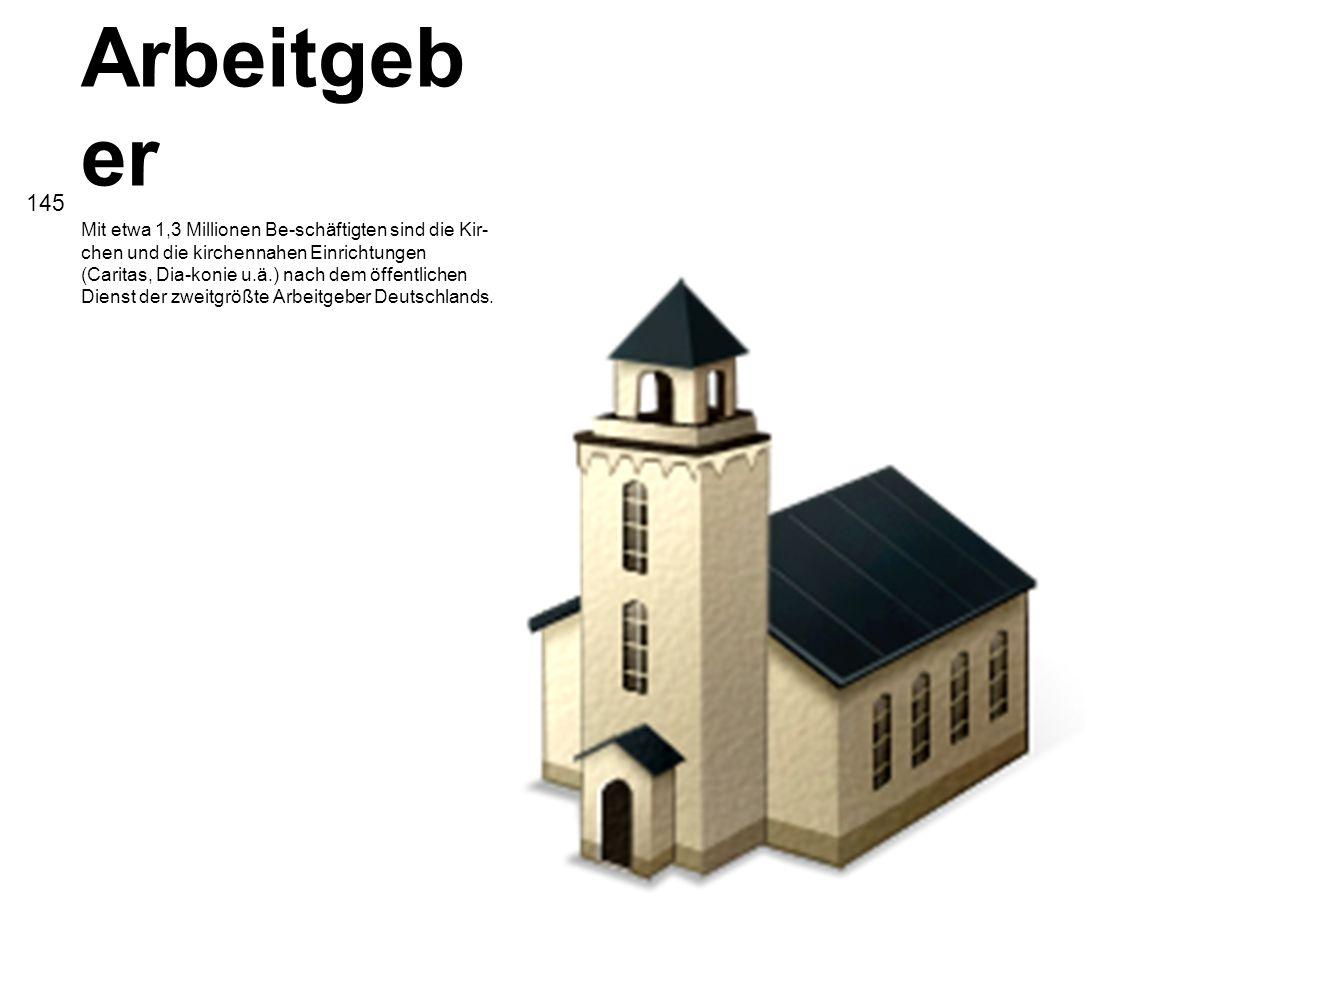 Die Kirchen als Arbeitgeb er 145 Mit etwa 1,3 Millionen Be-schäftigten sind die Kir- chen und die kirchennahen Einrichtungen (Caritas, Dia-konie u.ä.)